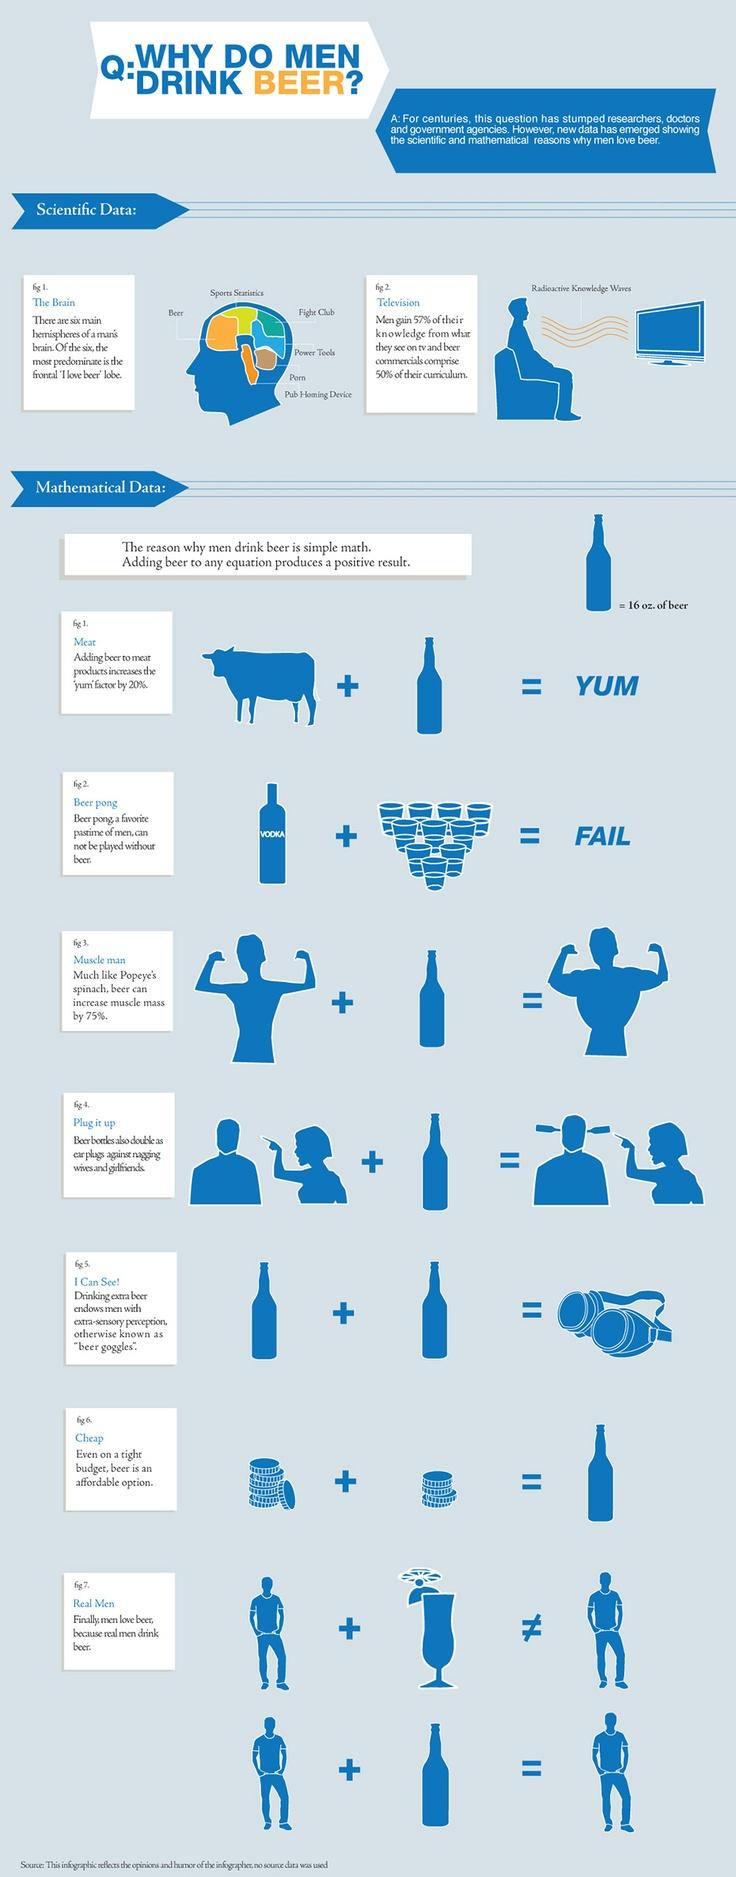 why-do-men-drink-beer